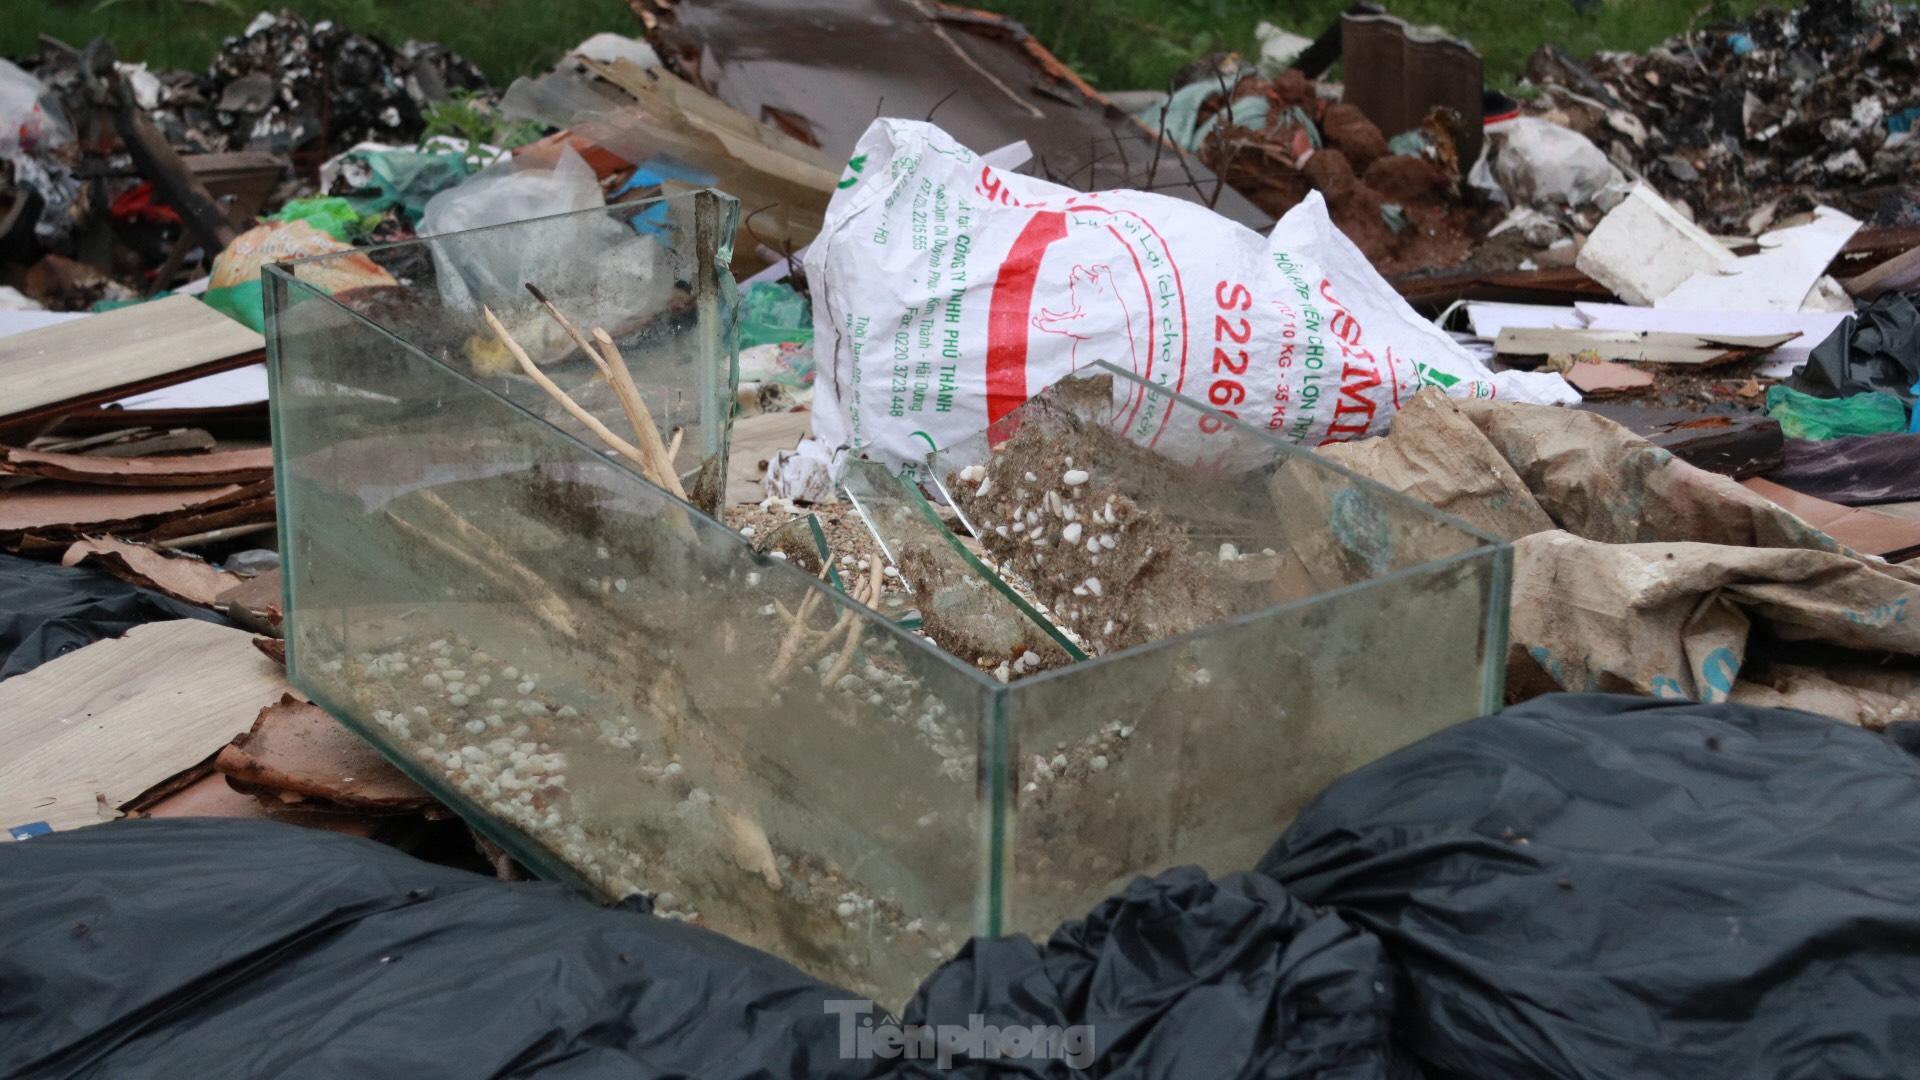 Bãi rác tự phát khổng lồ kéo dài trên đoạn đường 'trăm tỷ' ở Hà Nội - 11